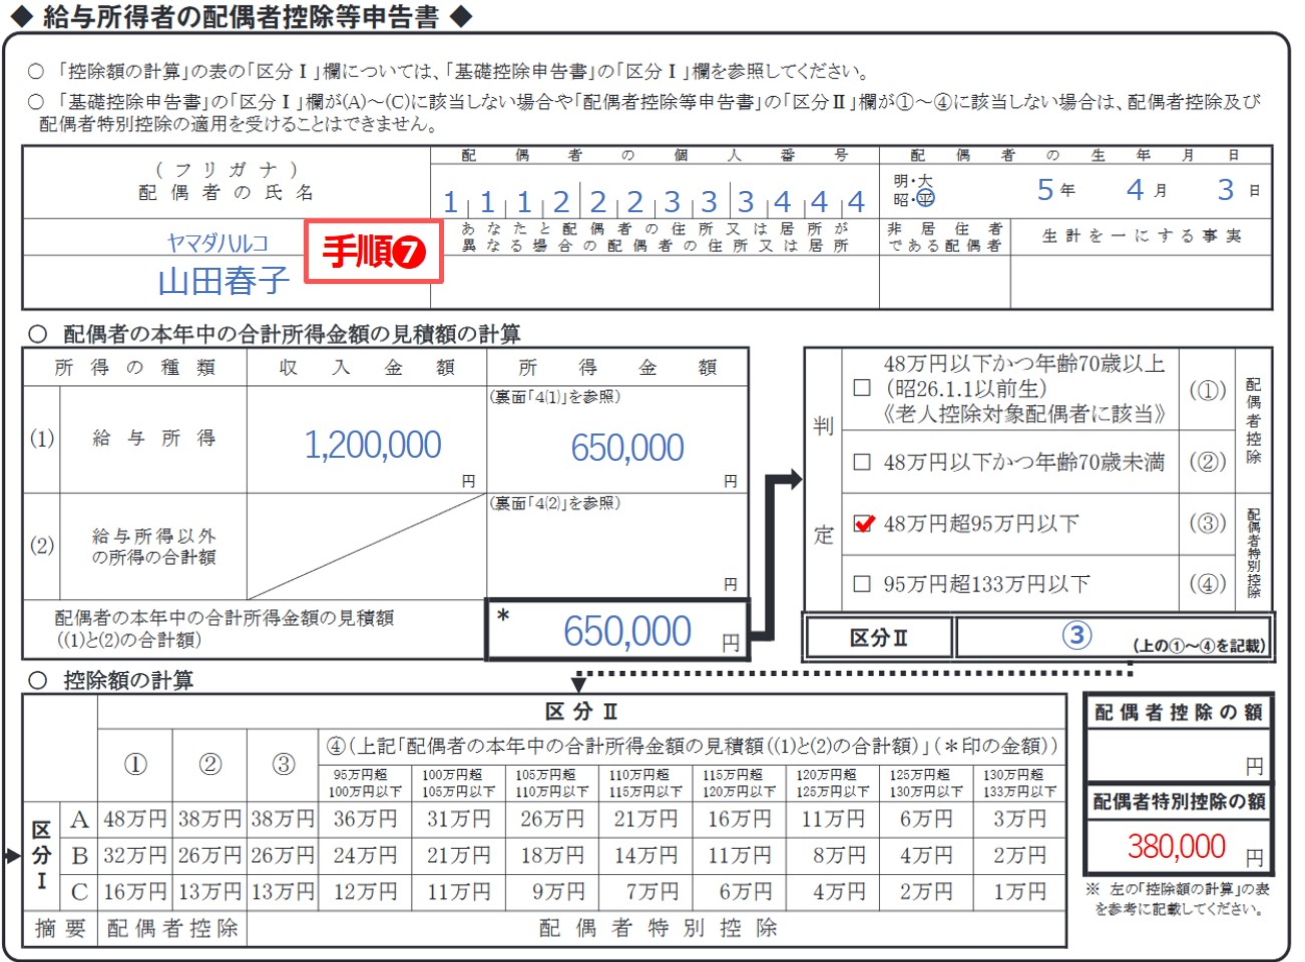 申告 者 の 控除 書 給与 兼 所得 基礎